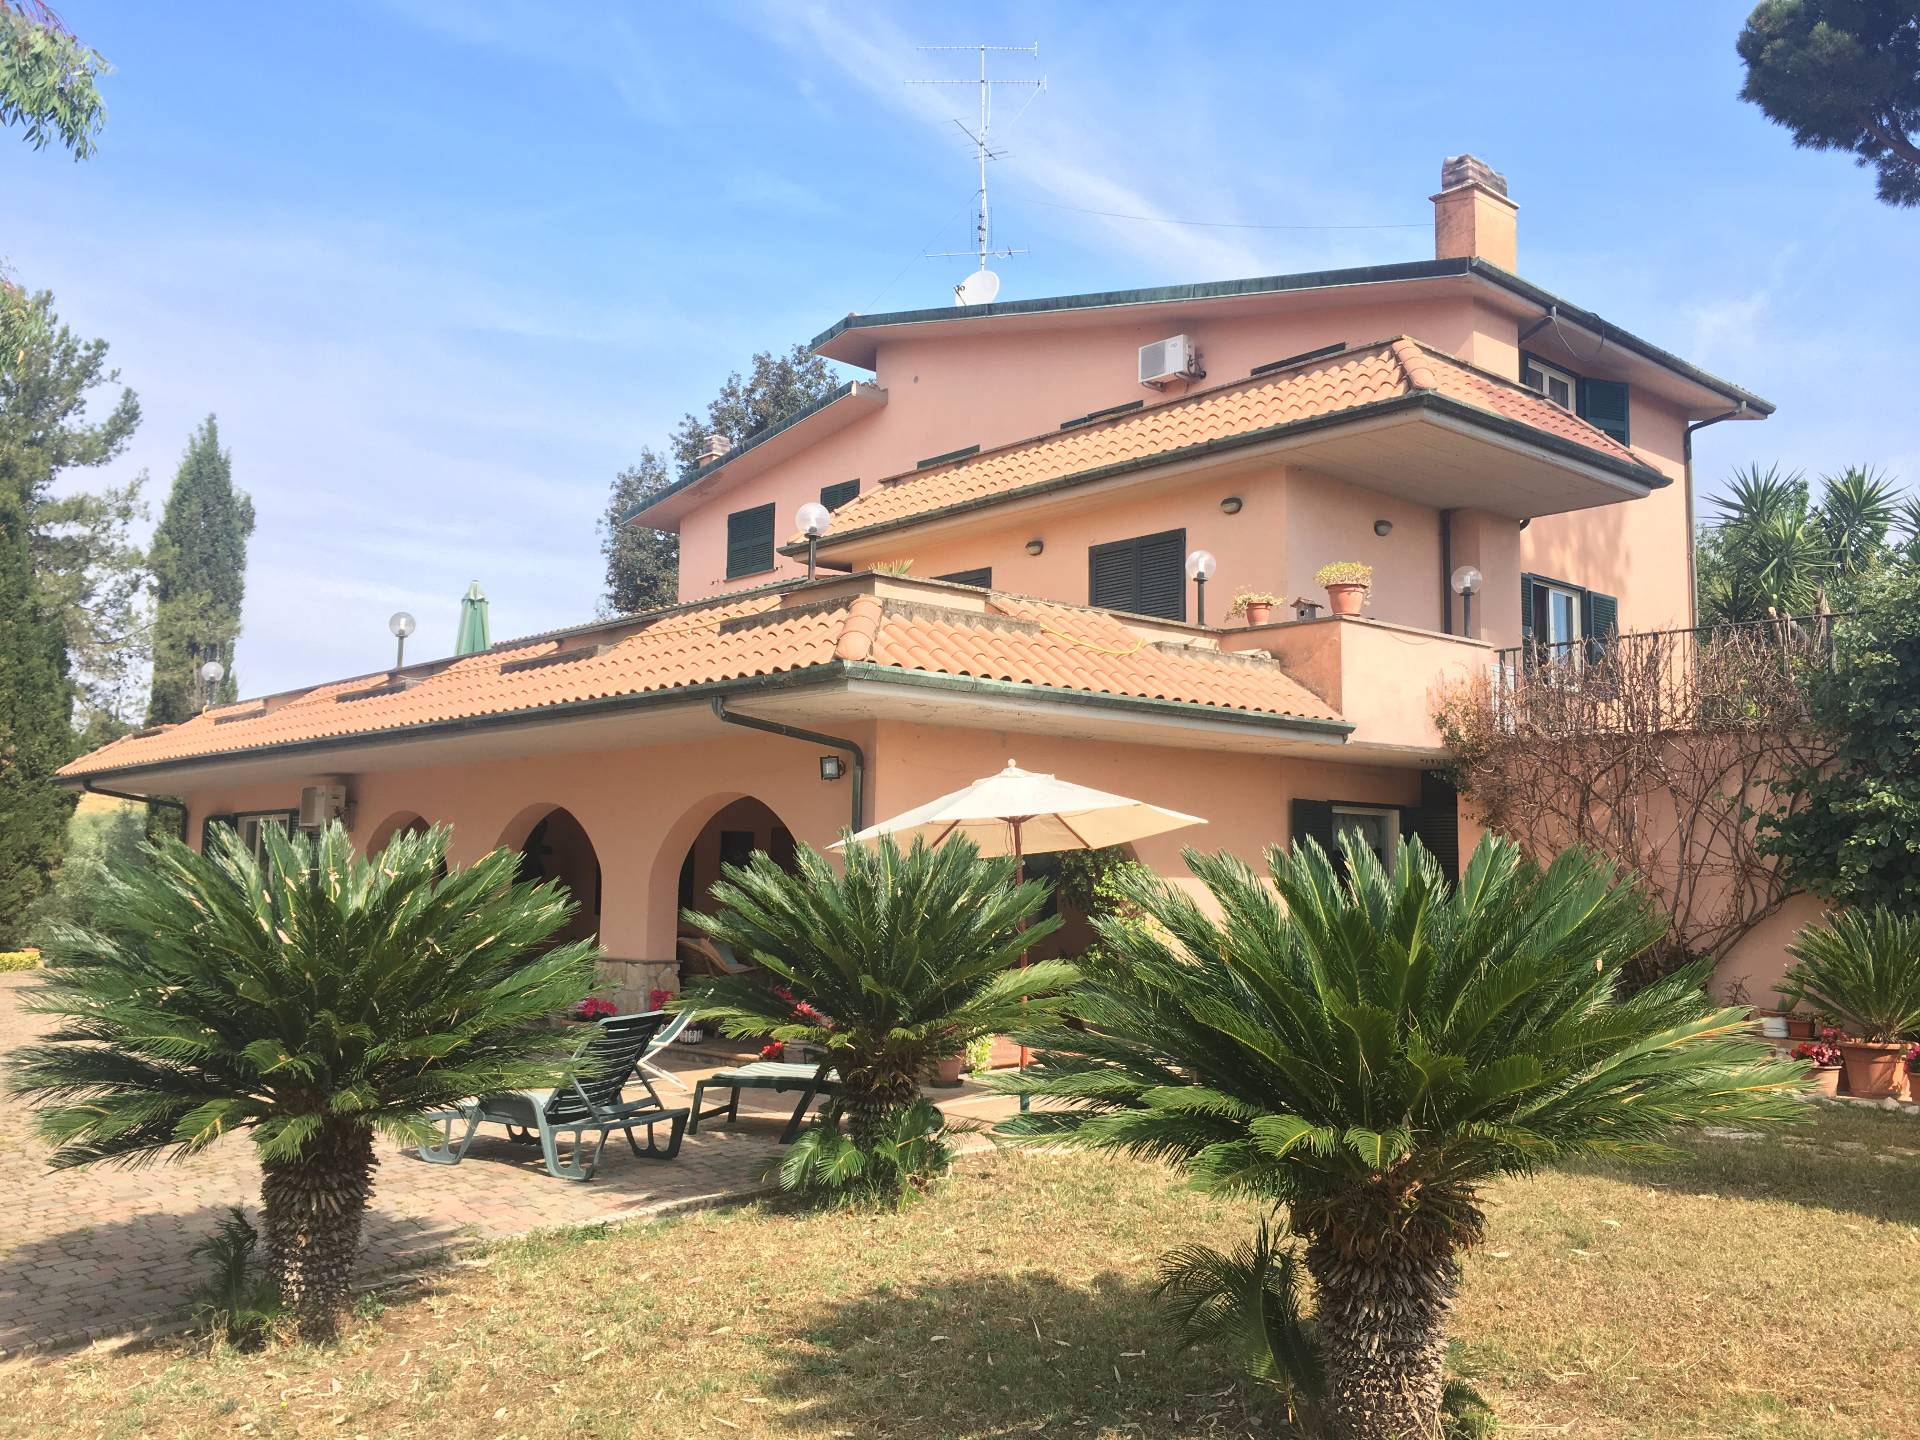 Villa in vendita a Mentana, 17 locali, Trattative riservate | CambioCasa.it